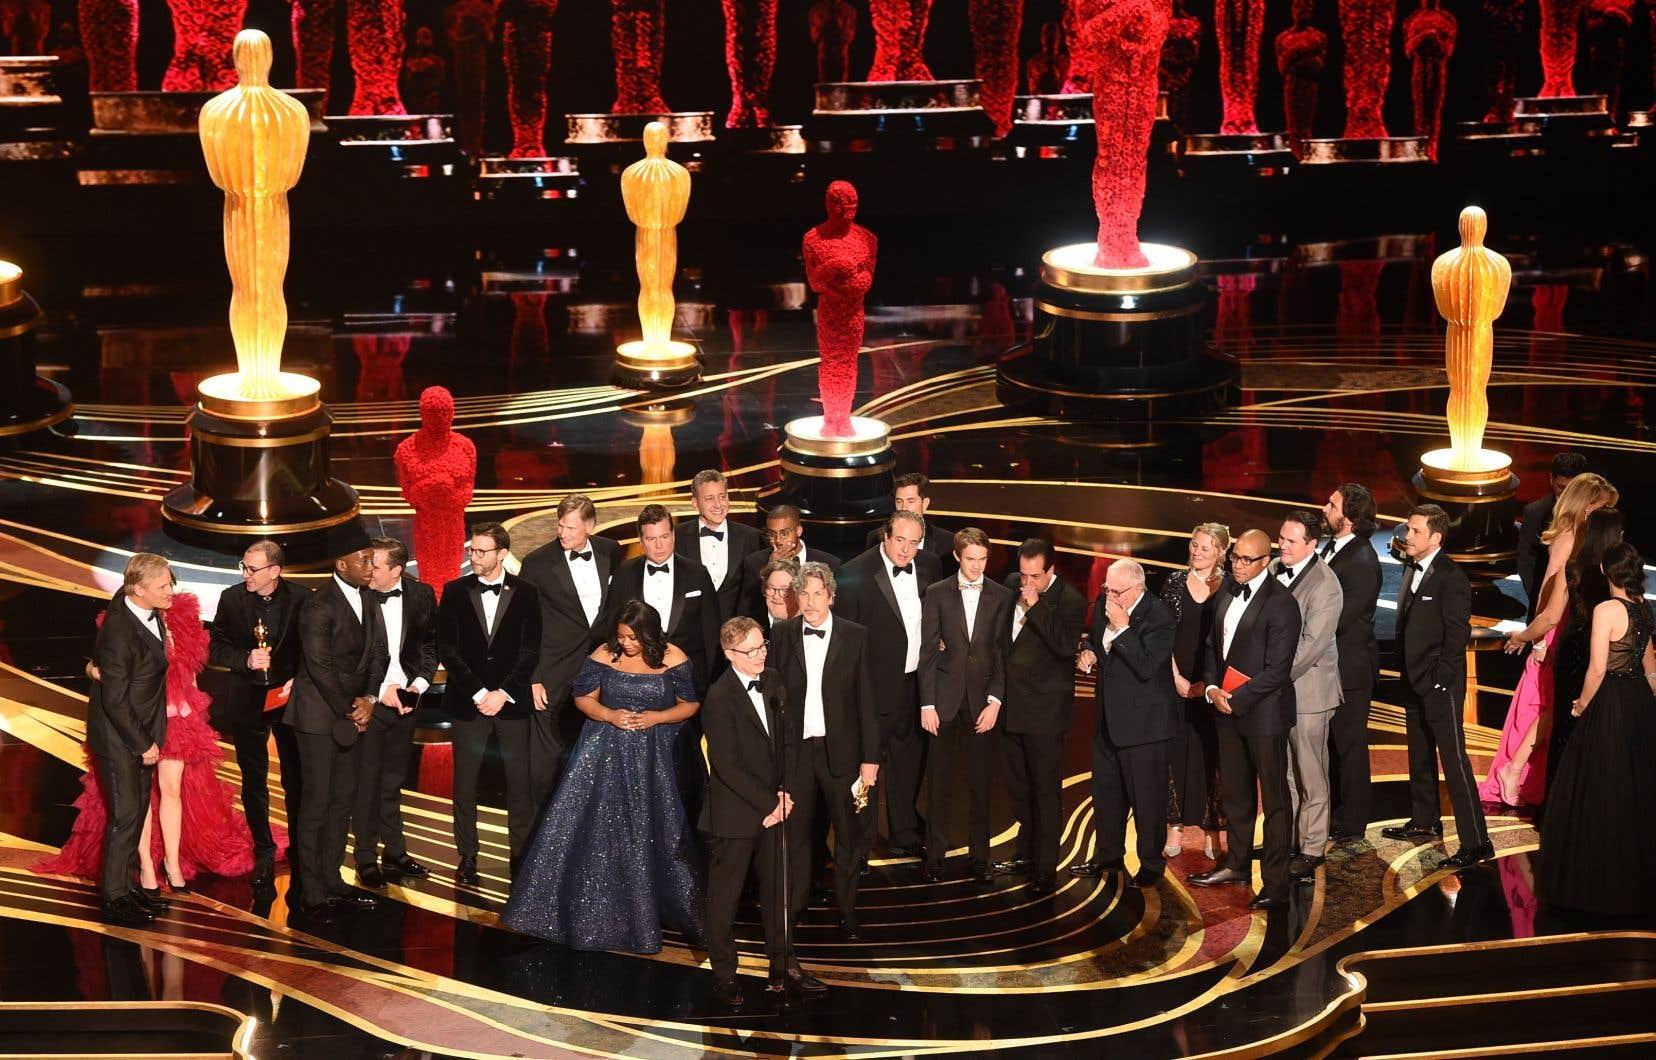 «Green Book»de Peter Farrelly a été sacré meilleur film lors de la 91e cérémonie des Oscars.